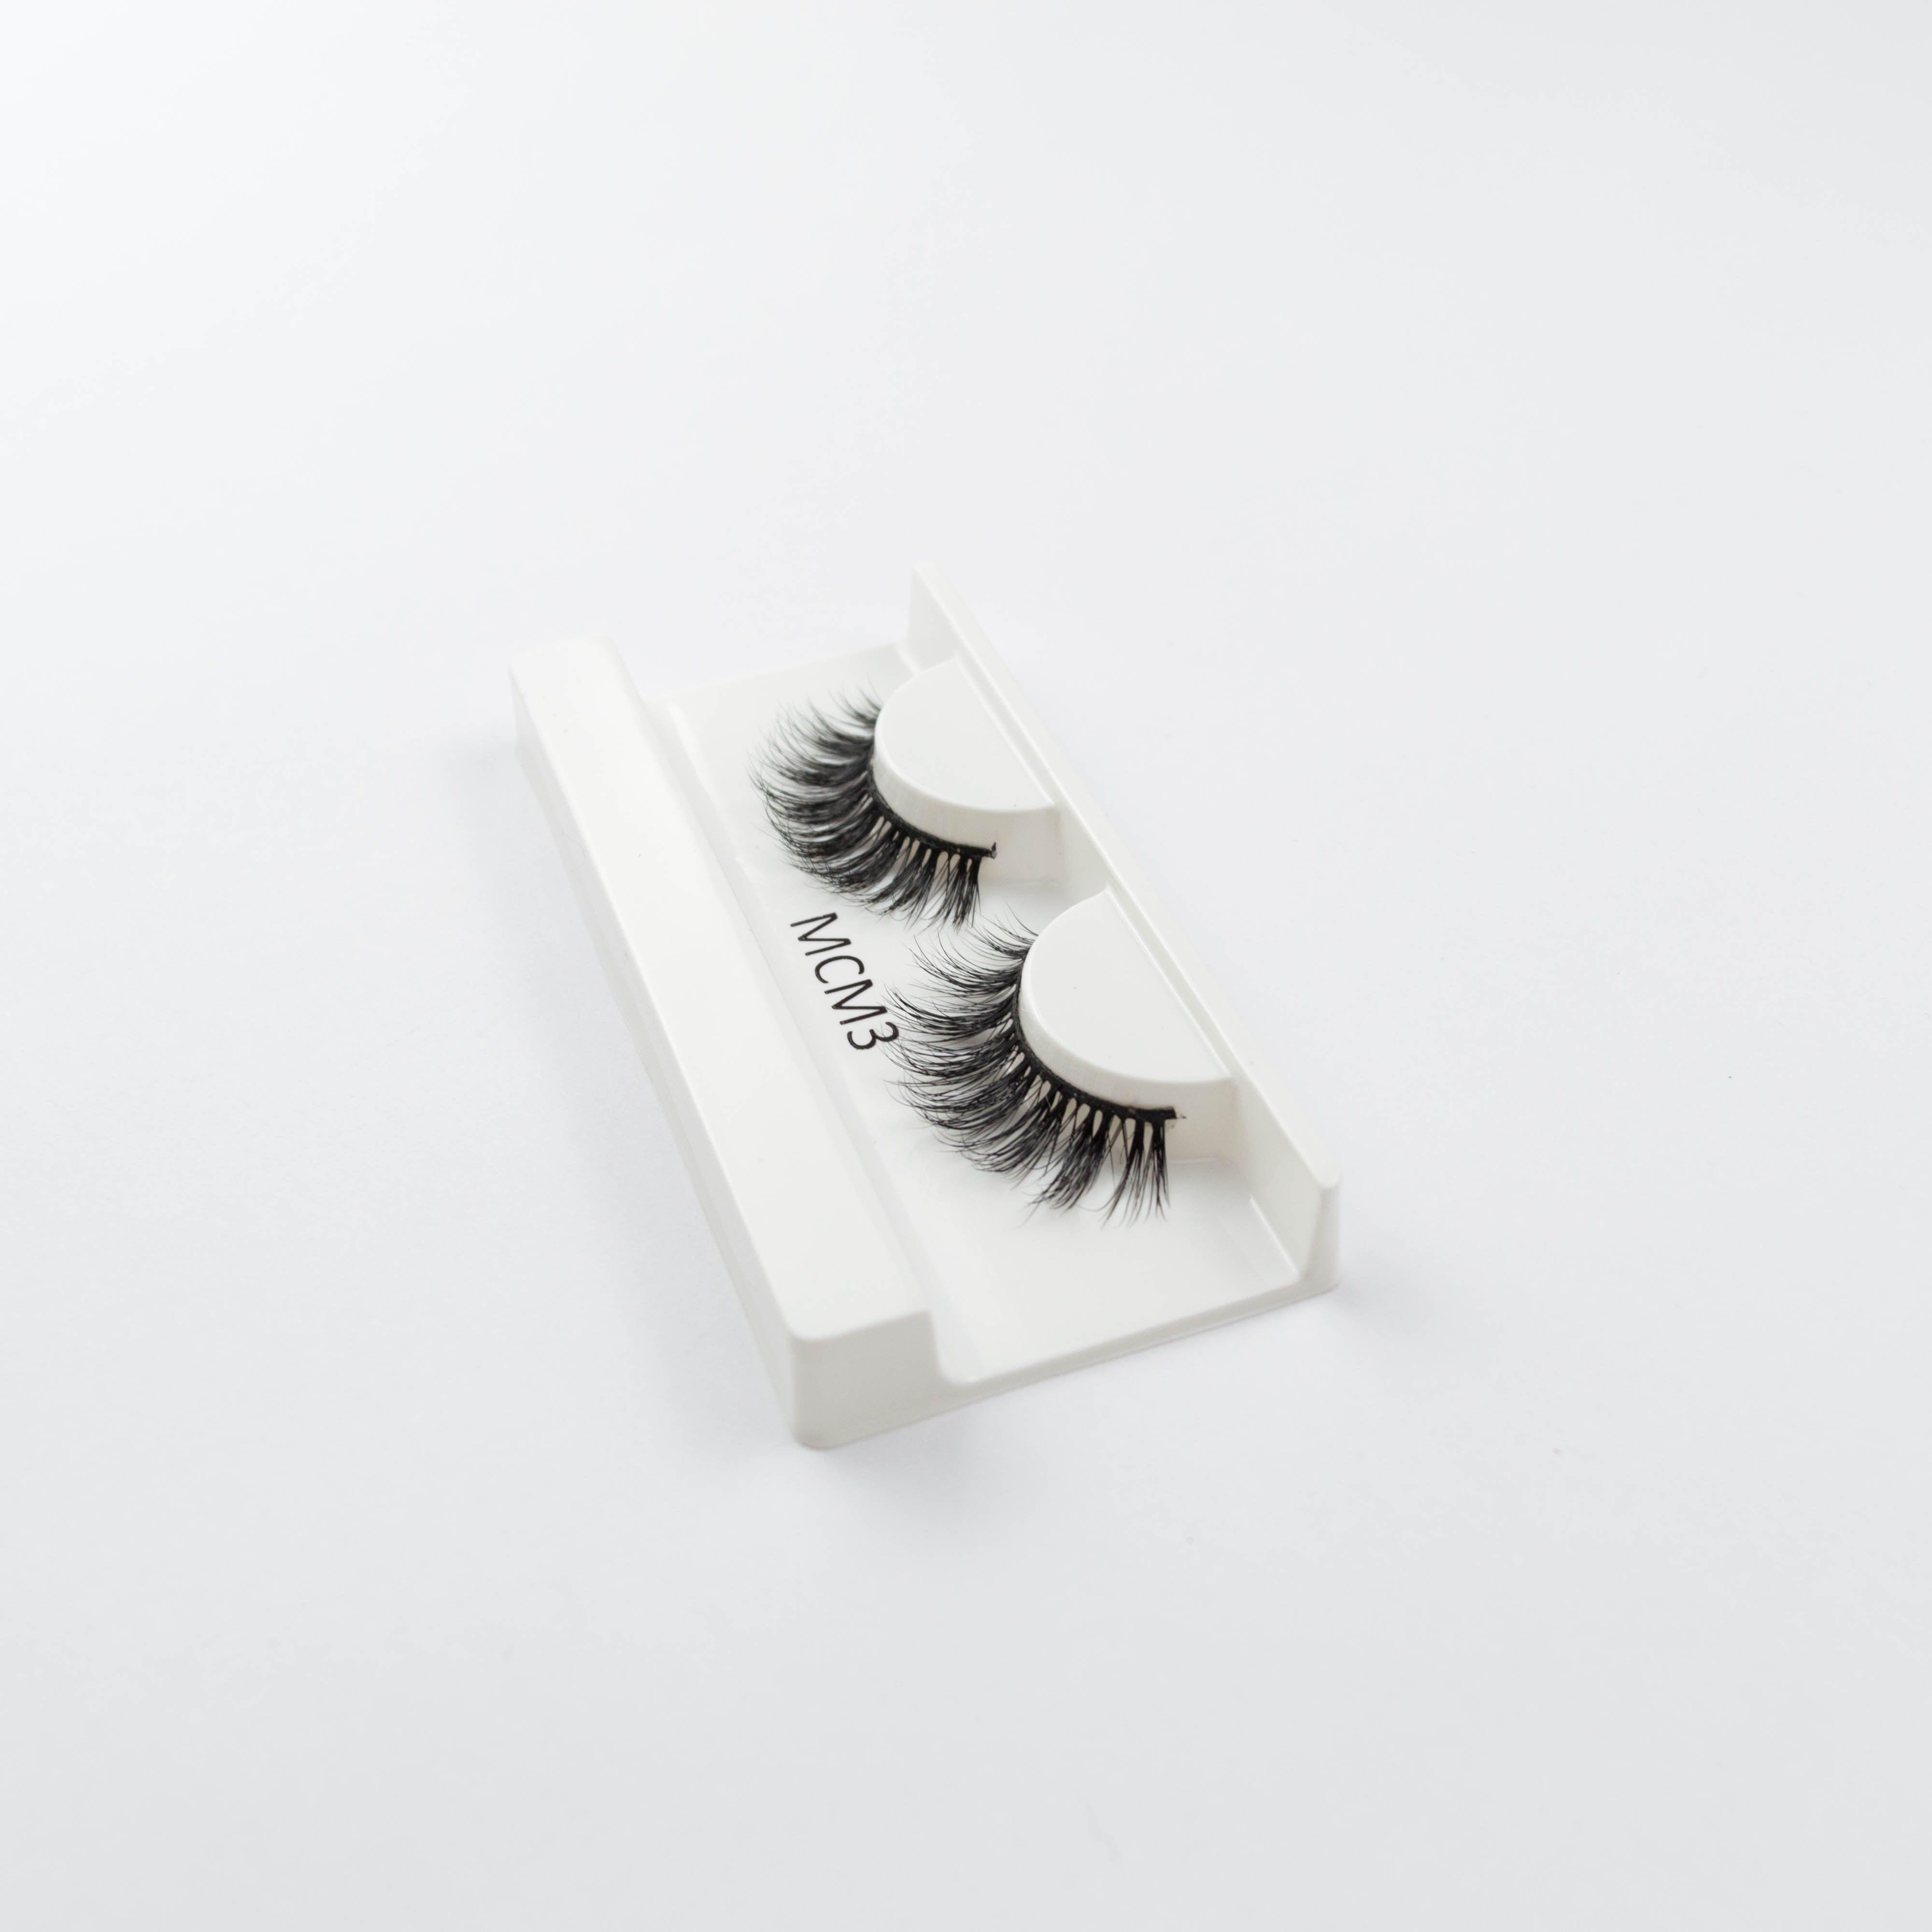 MCM3 Mink Eyelashes in 2020 Mink eyelashes, Lashes